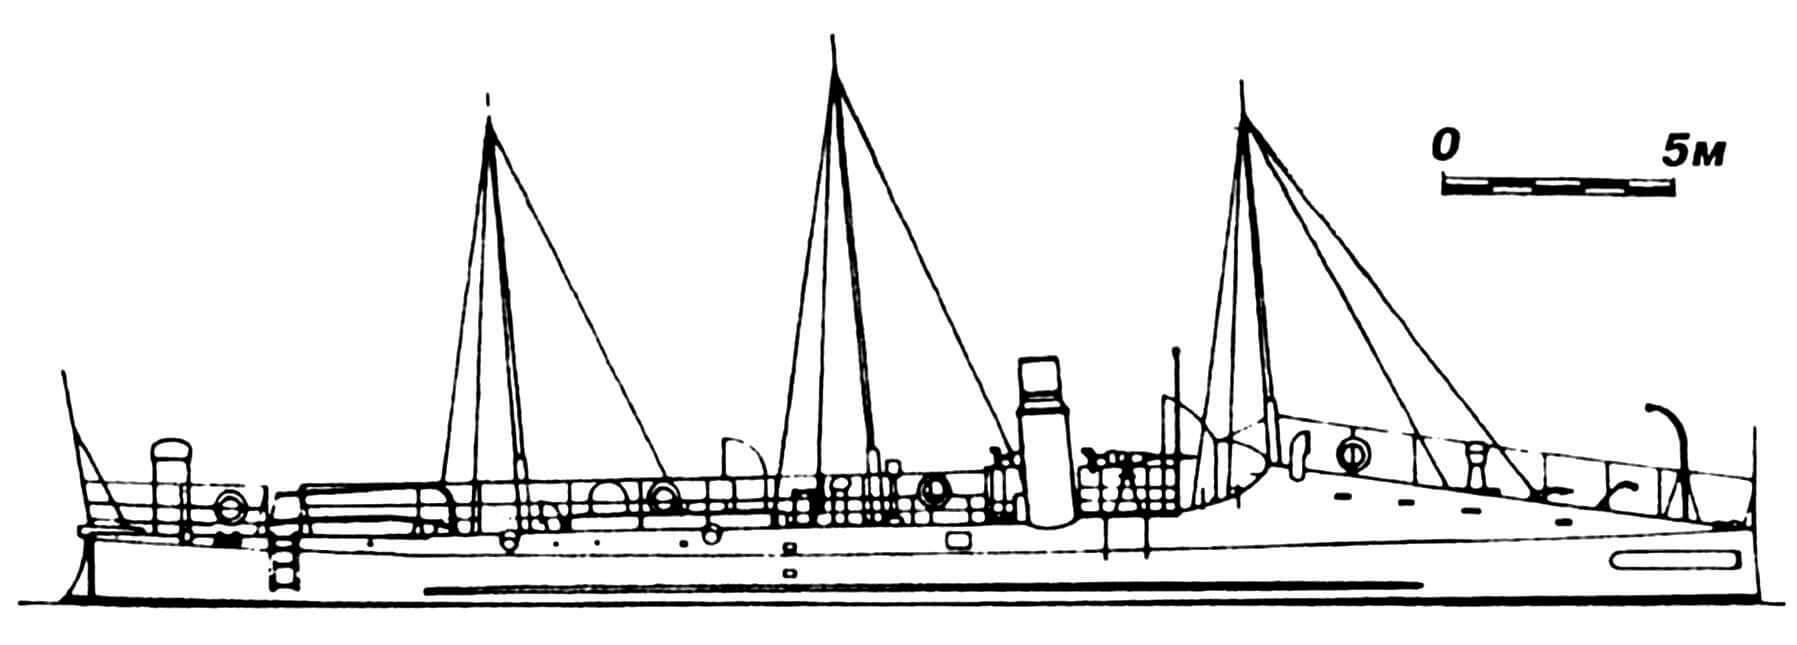 40. Миноносец «Барсело», Испания, 1887 г. Строился во Франции фирмой «Норман». Водоизмещение нормальное 63 т. Длина наибольшая 38,4 м, ширина 3,32 м, осадка 1,19 м. Мощность одновальной паросиловой установки 800 л.с., скорость на испытаниях 19,5 узла. Вооружение: два торпедных аппарата, две 37-мм пушки. Всего построено две единицы: «Барсело» во Франции и «Бустаменте» в Испании. Исключены из списков флота в 1912г.